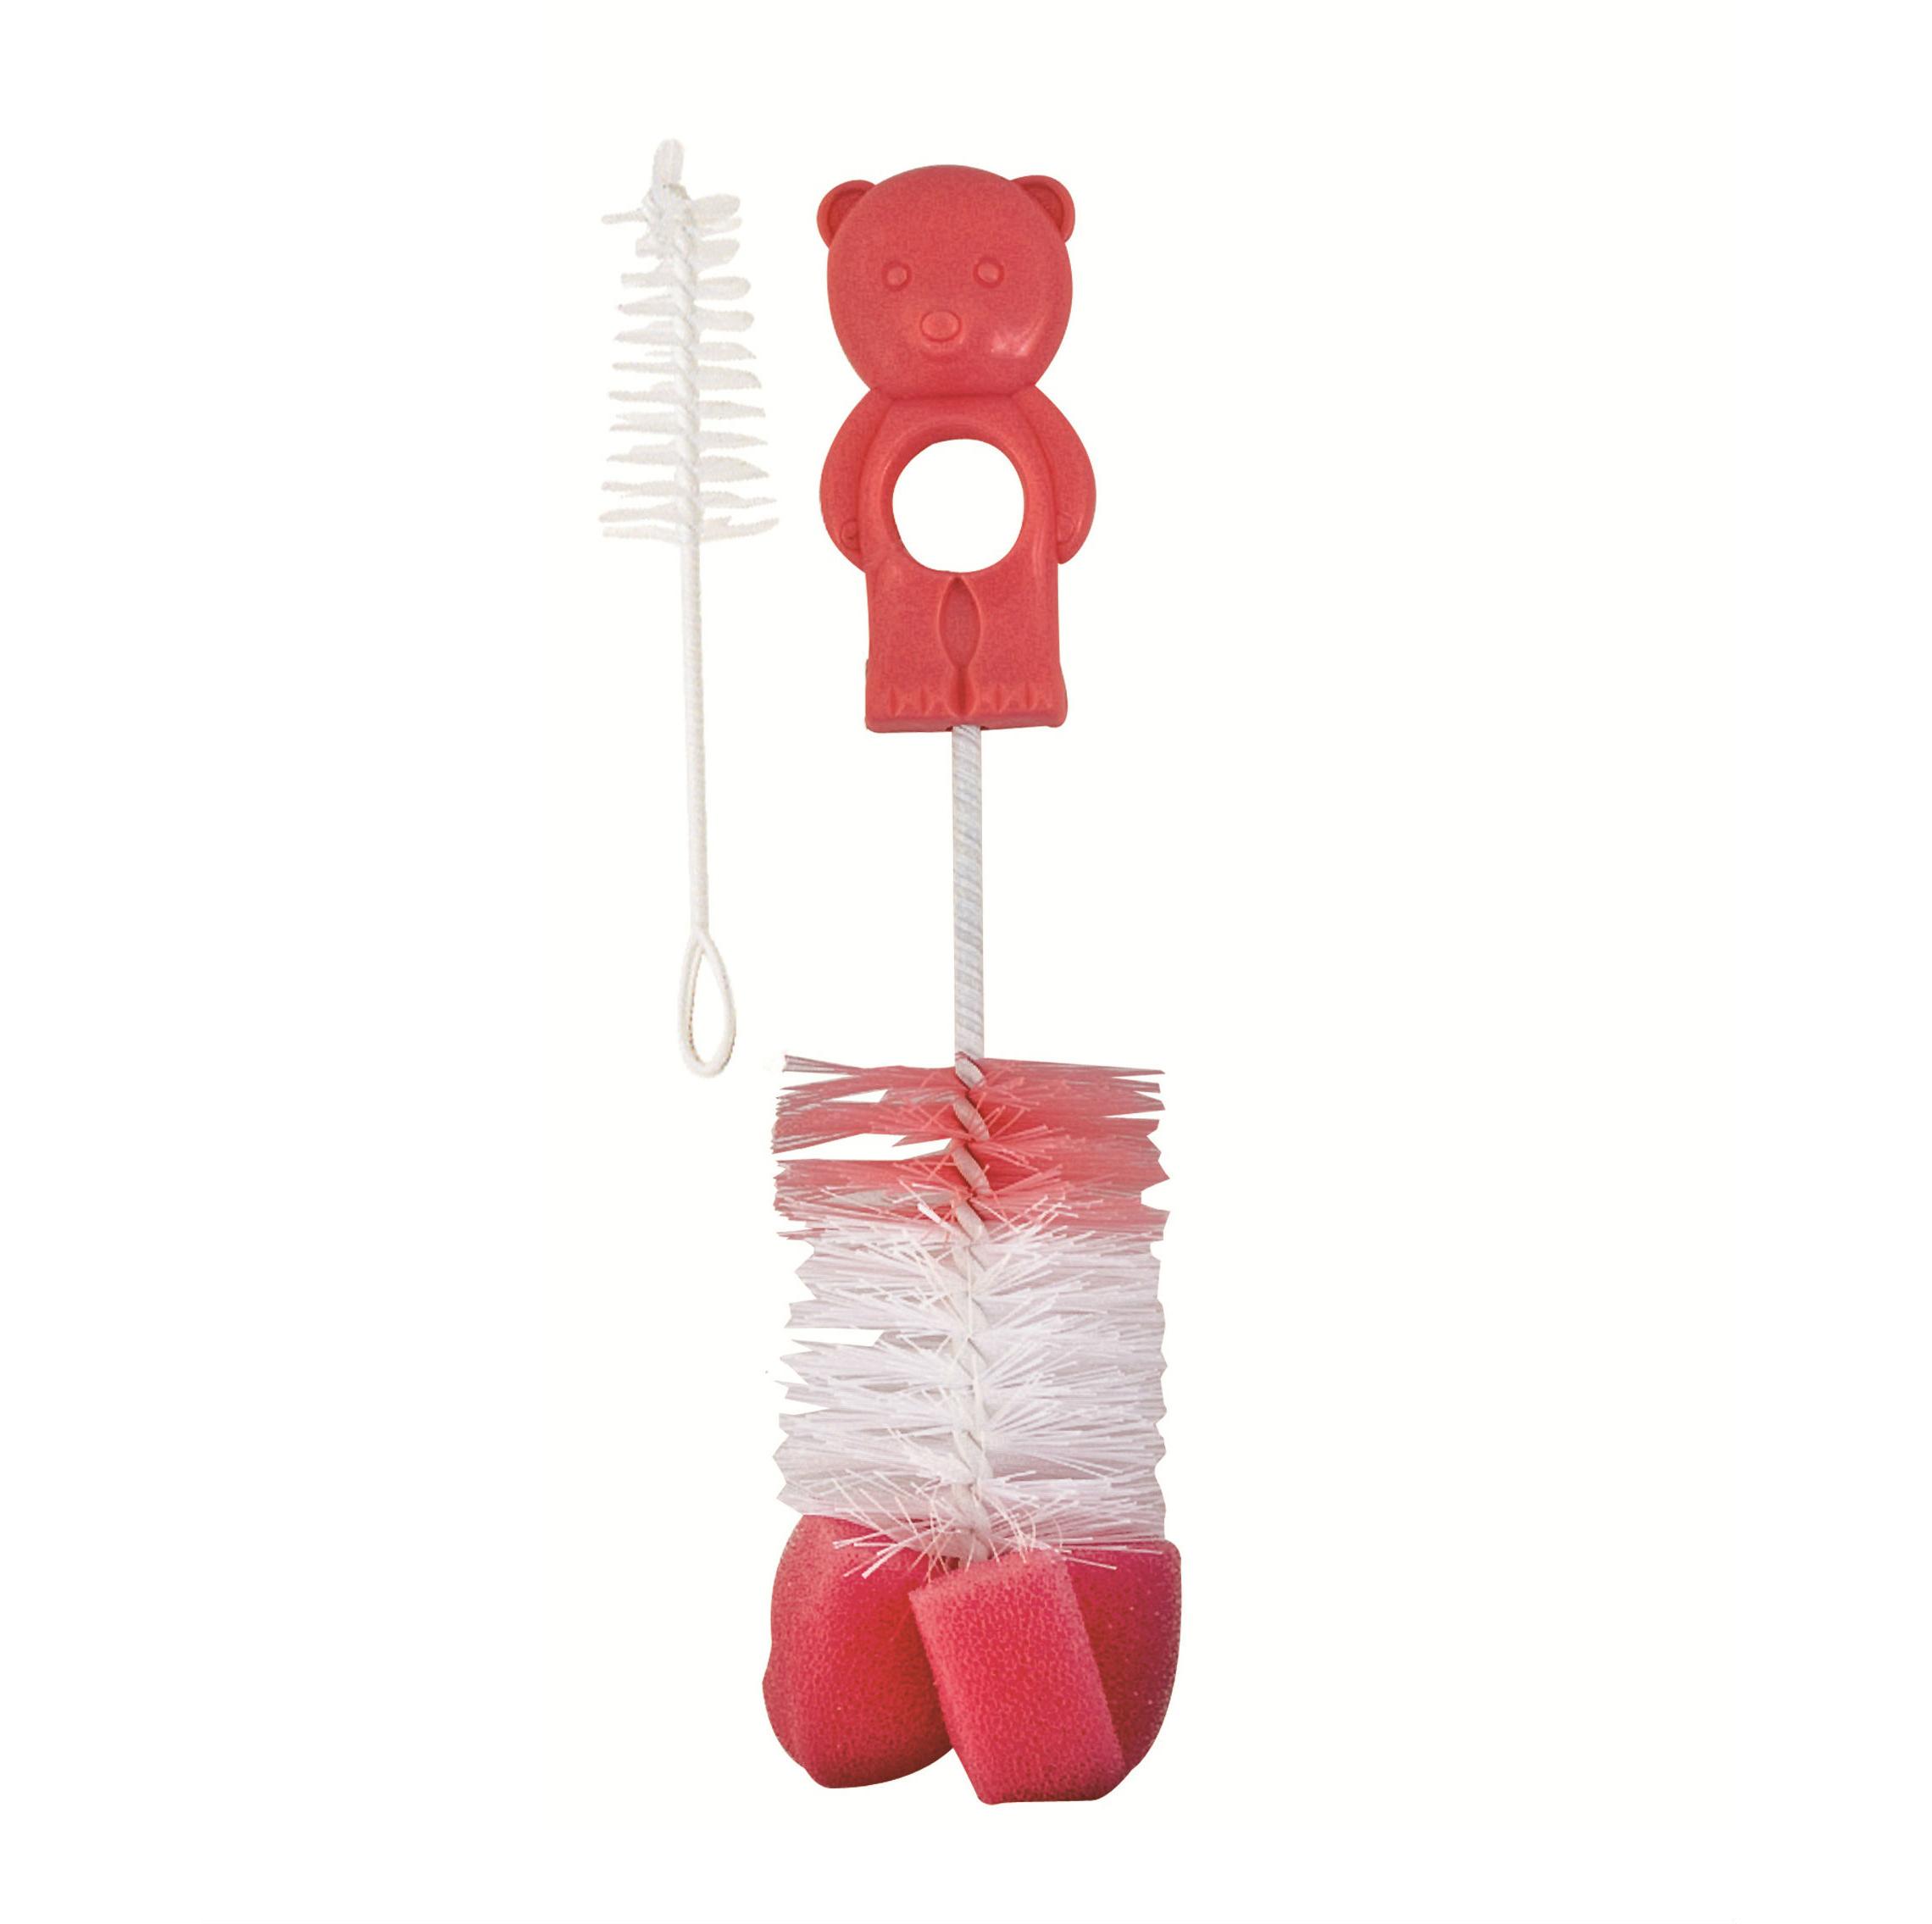 Canpol Ёршик для мытья бутылочек и сосок с губкой, розовый, Китай  - купить со скидкой